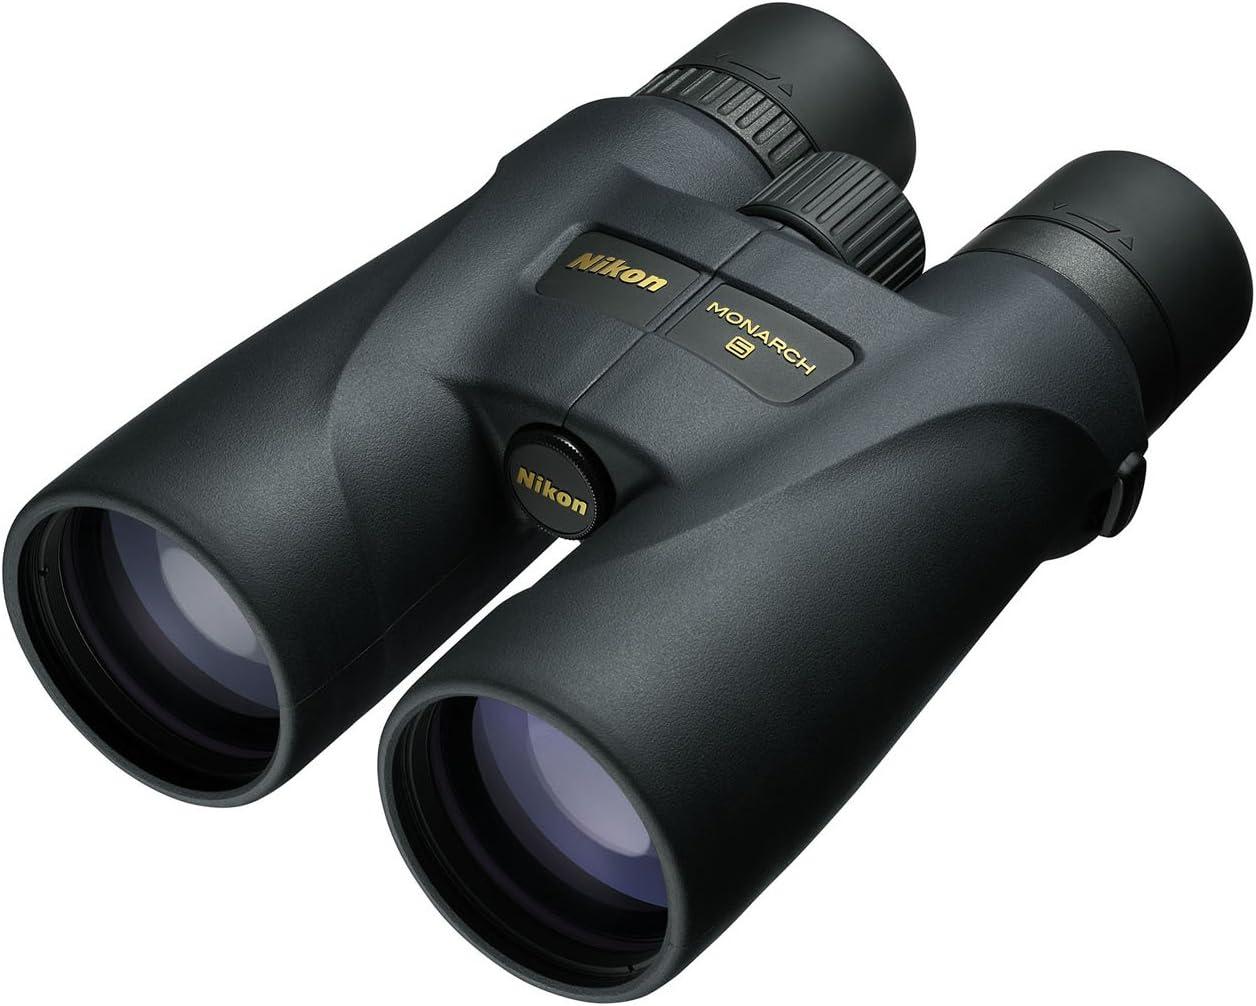 schwarz Nikon Monarch 5 12X42 Fernglas 12-fach, 42mm Frontlinsendurchmesser